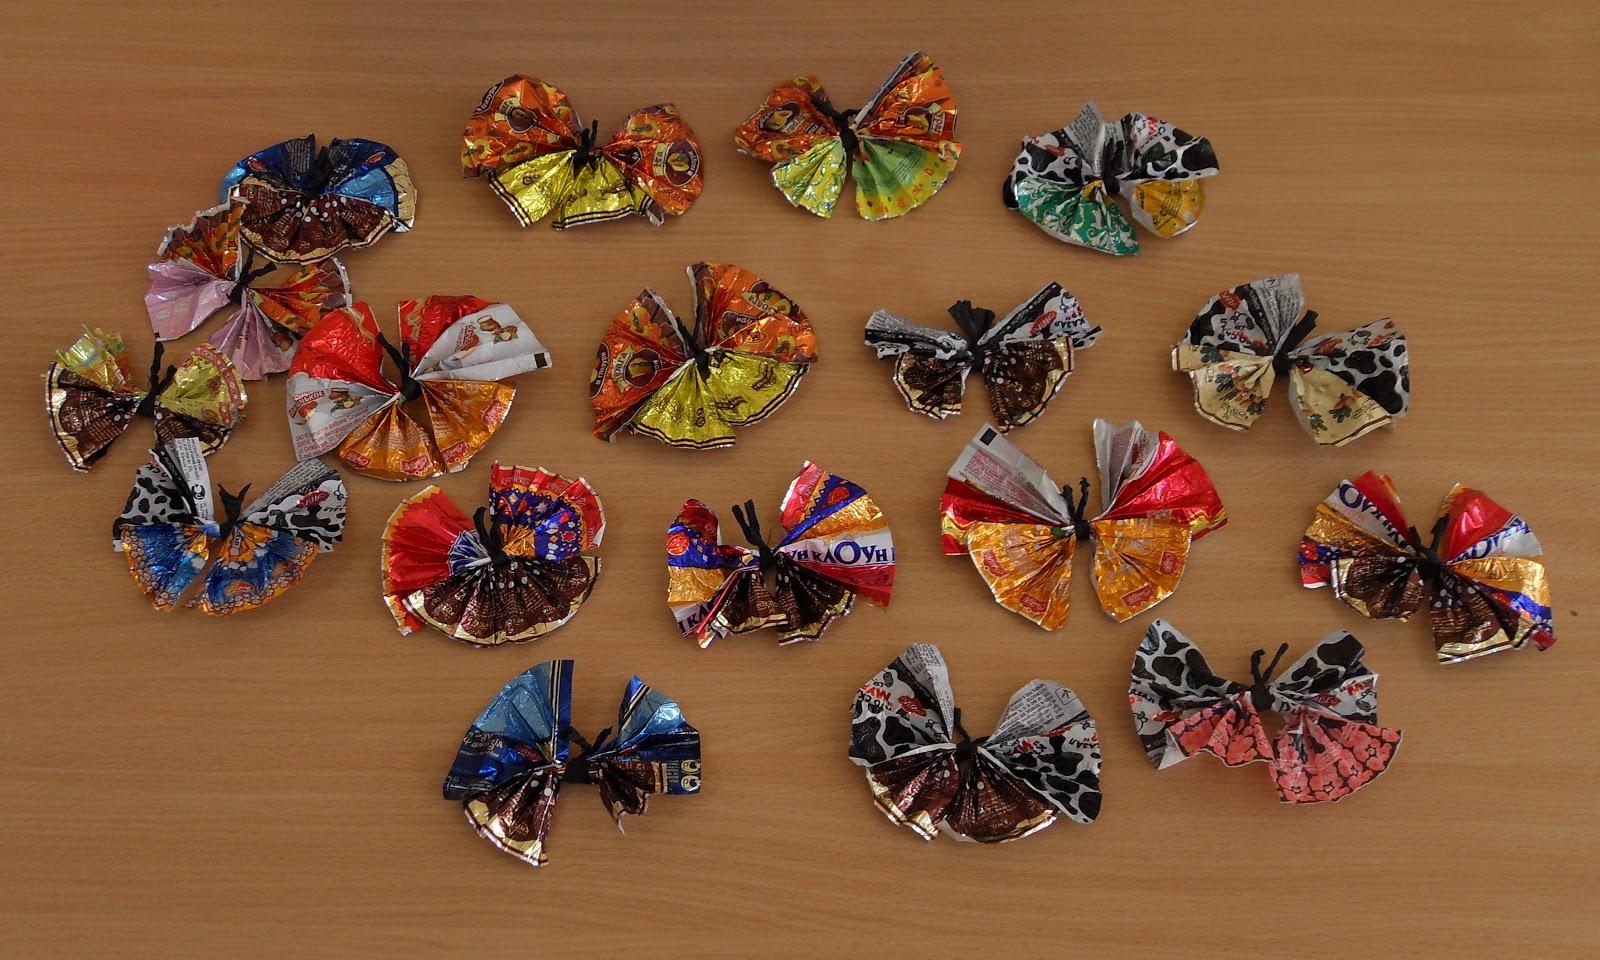 Как сделать бабочку своими руками из фантиков